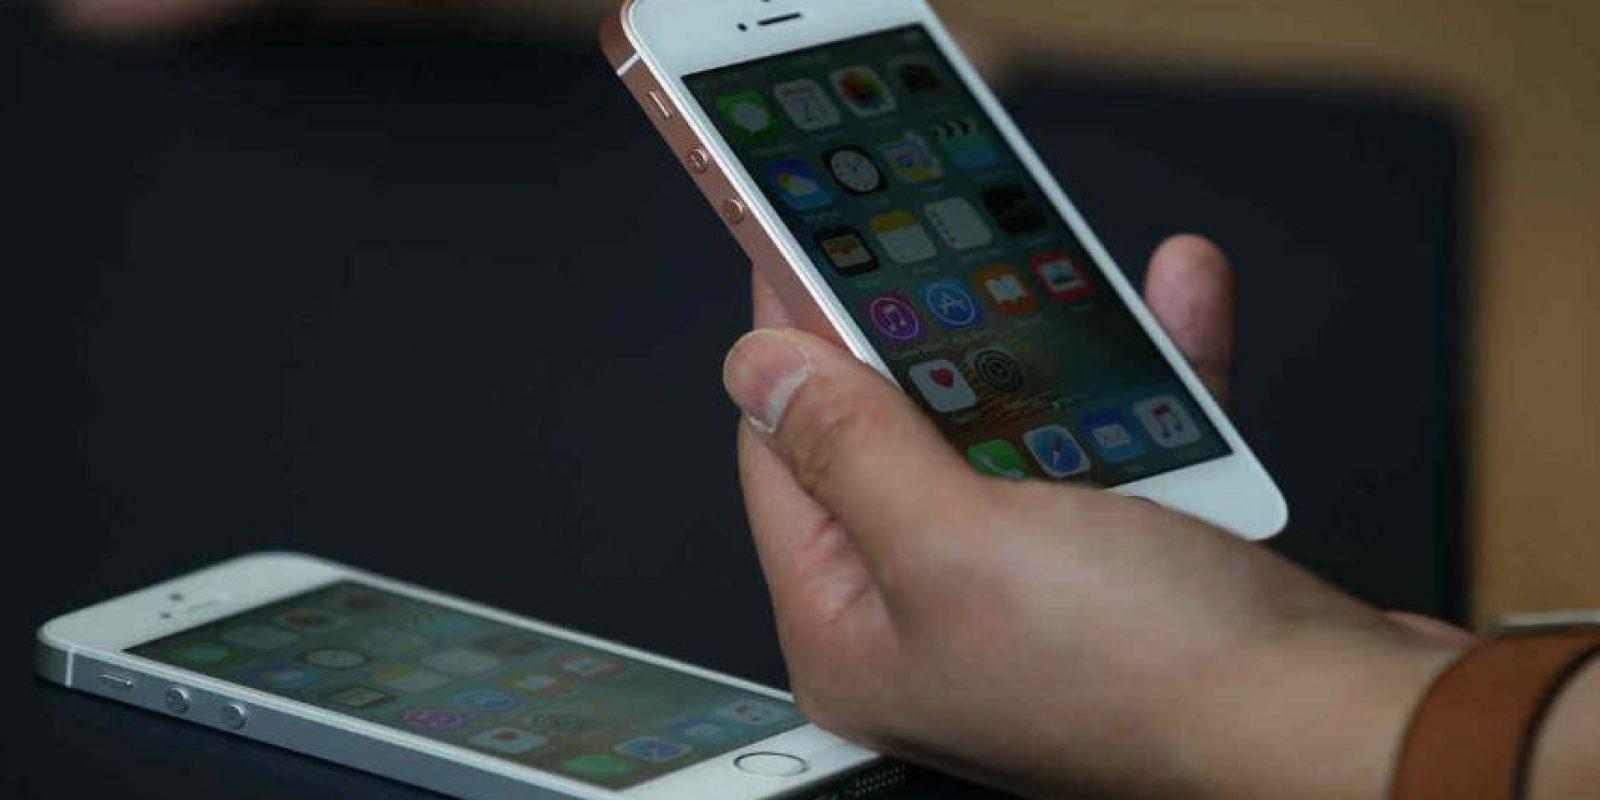 El iOS 9.3 llegó cargado de problemas. Foto:Getty Images